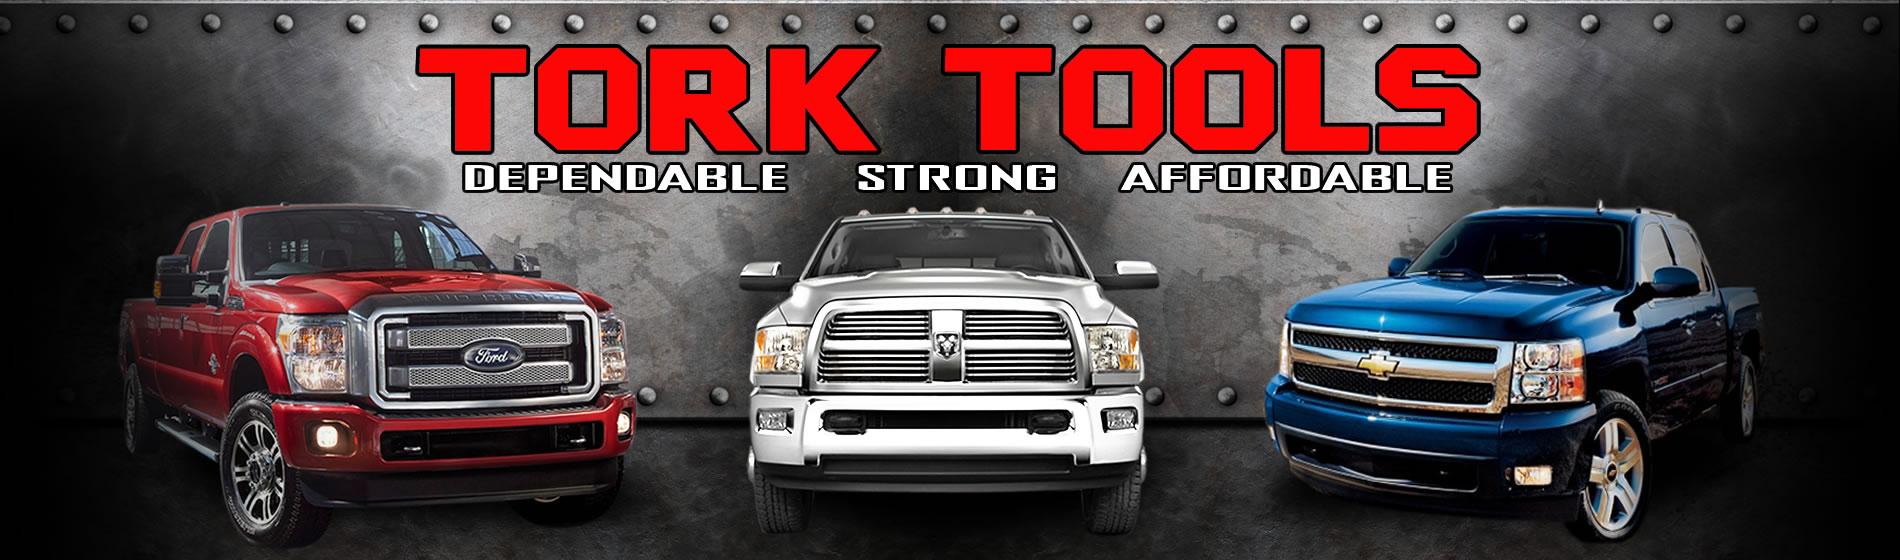 Tork Tools - Cummins Valve Spring Compressors